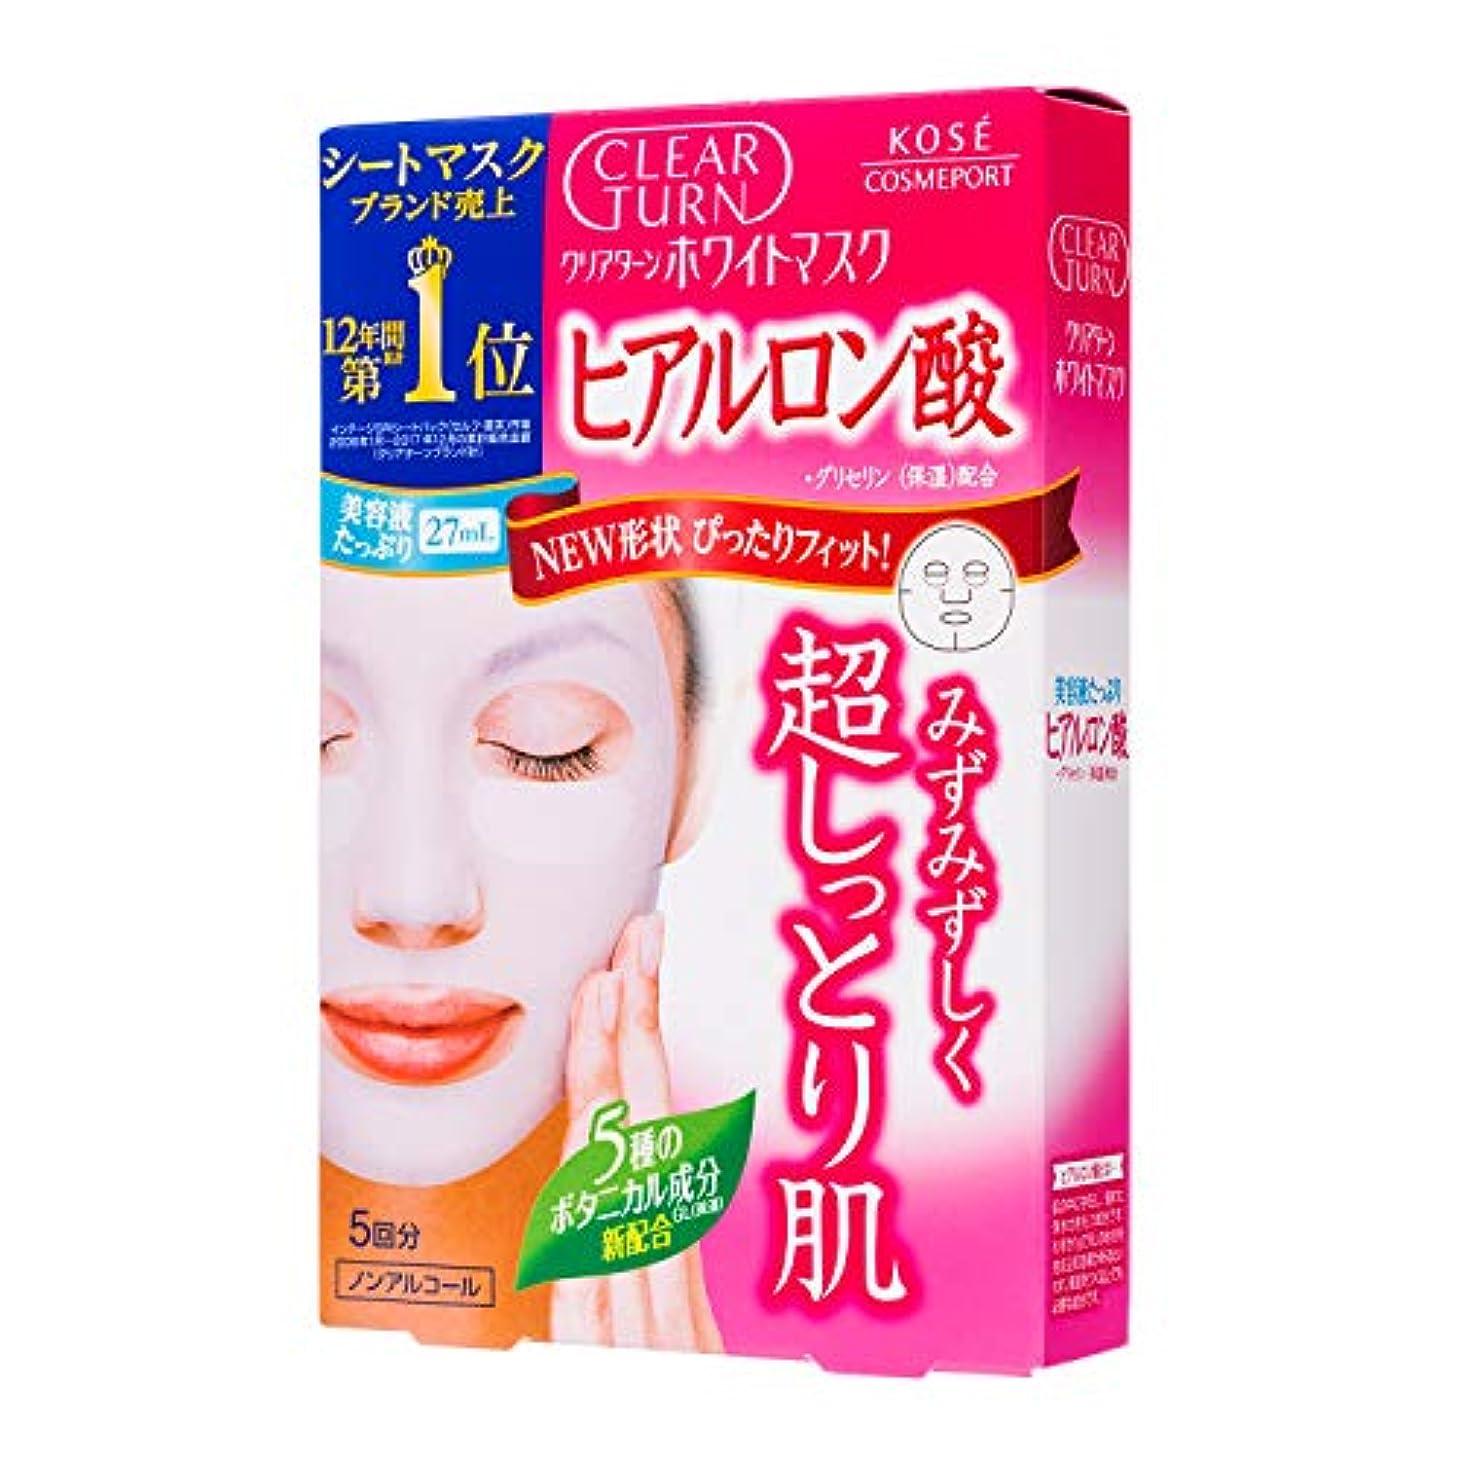 シンプルなレイアウト出会いKOSE クリアターン ホワイト マスク HA d (ヒアルロン酸) 5回分 (22mL×5)